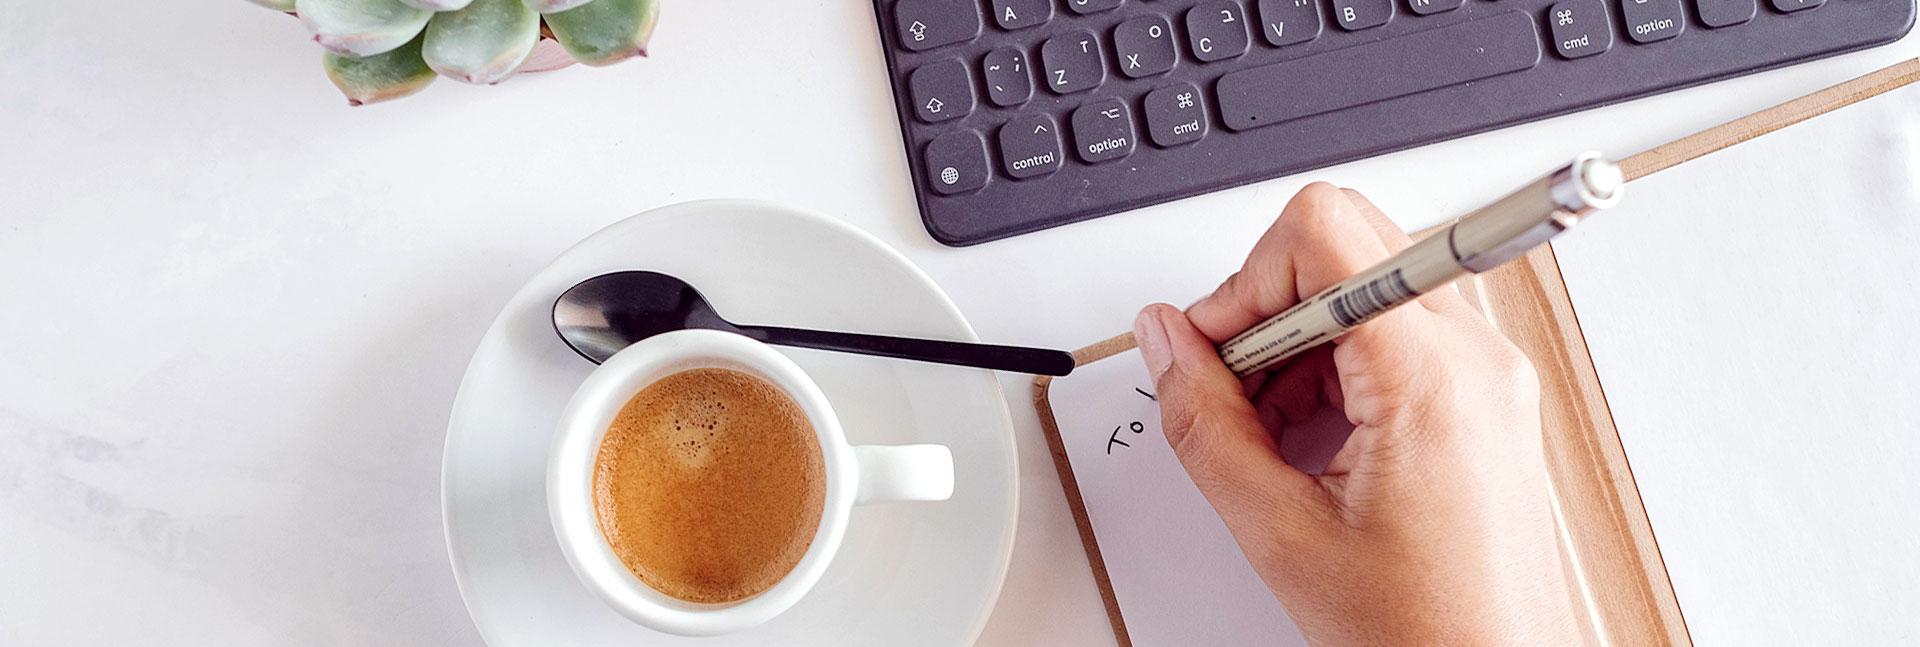 קפה למשרד